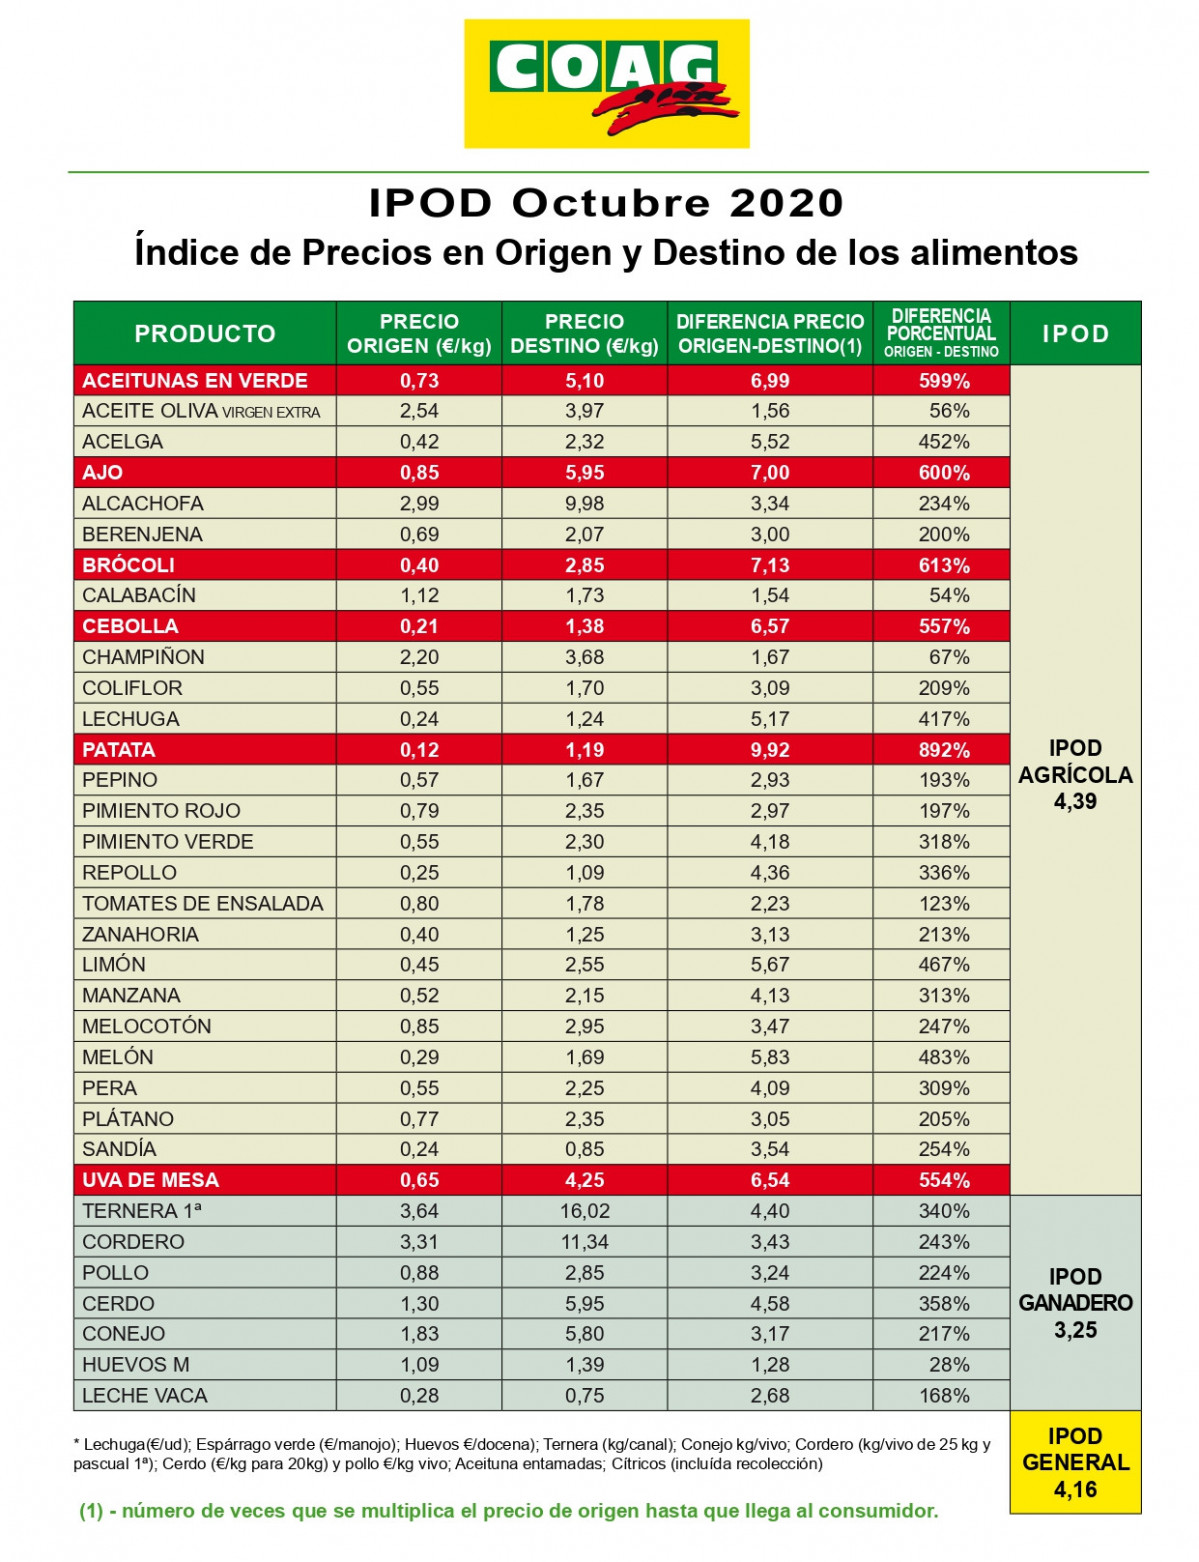 IPOD Octubre 2020 (Tabla COAG)